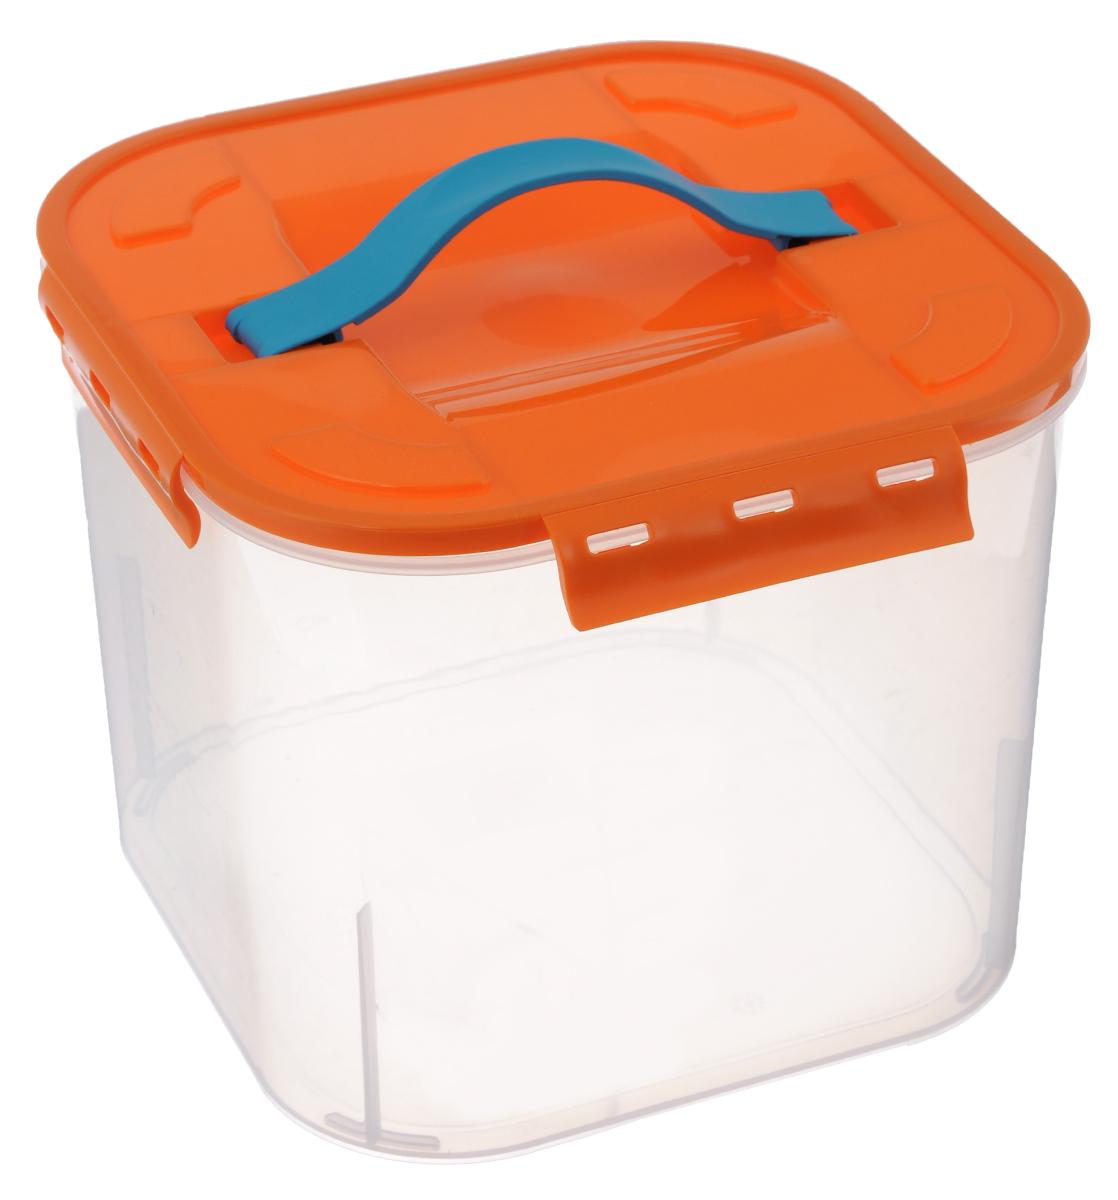 Контейнер для хранения Idea, цвет: оранжевый, прозрачный, 7 лМ 2820Контейнер для хранения Idea выполнен из прочного полипропилена. Он идеально подойдет для храненияпищевых продуктов, а также любых мелких бытовых предметов: канцелярии, принадлежностей для шитья и многогодругого.Контейнер плотно закрывается цветной крышкой с 4 защелками. Для удобства переноски сверху имеется ручка,выполненная из термоэластопласта.Контейнер Idea очень вместителен, он пригодится в любом хозяйстве. Материал: полипропилен, термоэластопласт.